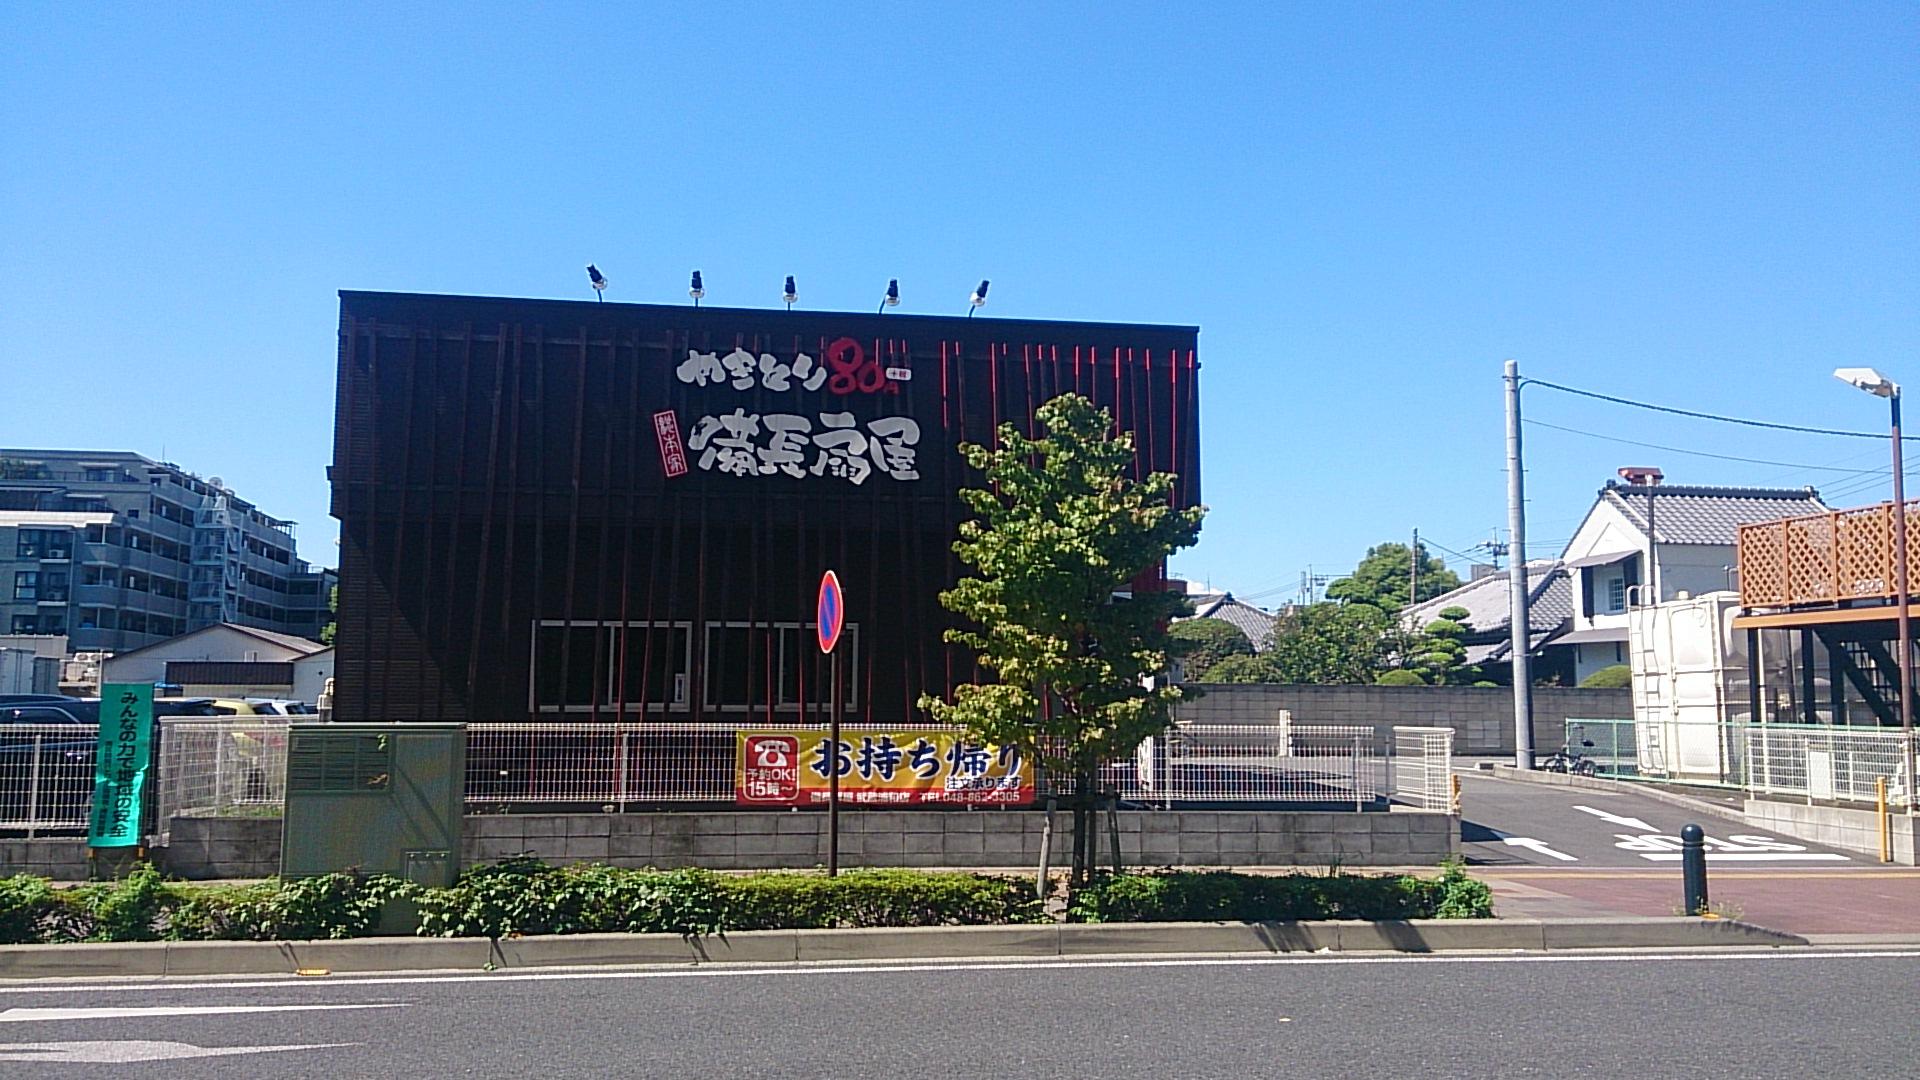 備長扇屋 武蔵浦和店